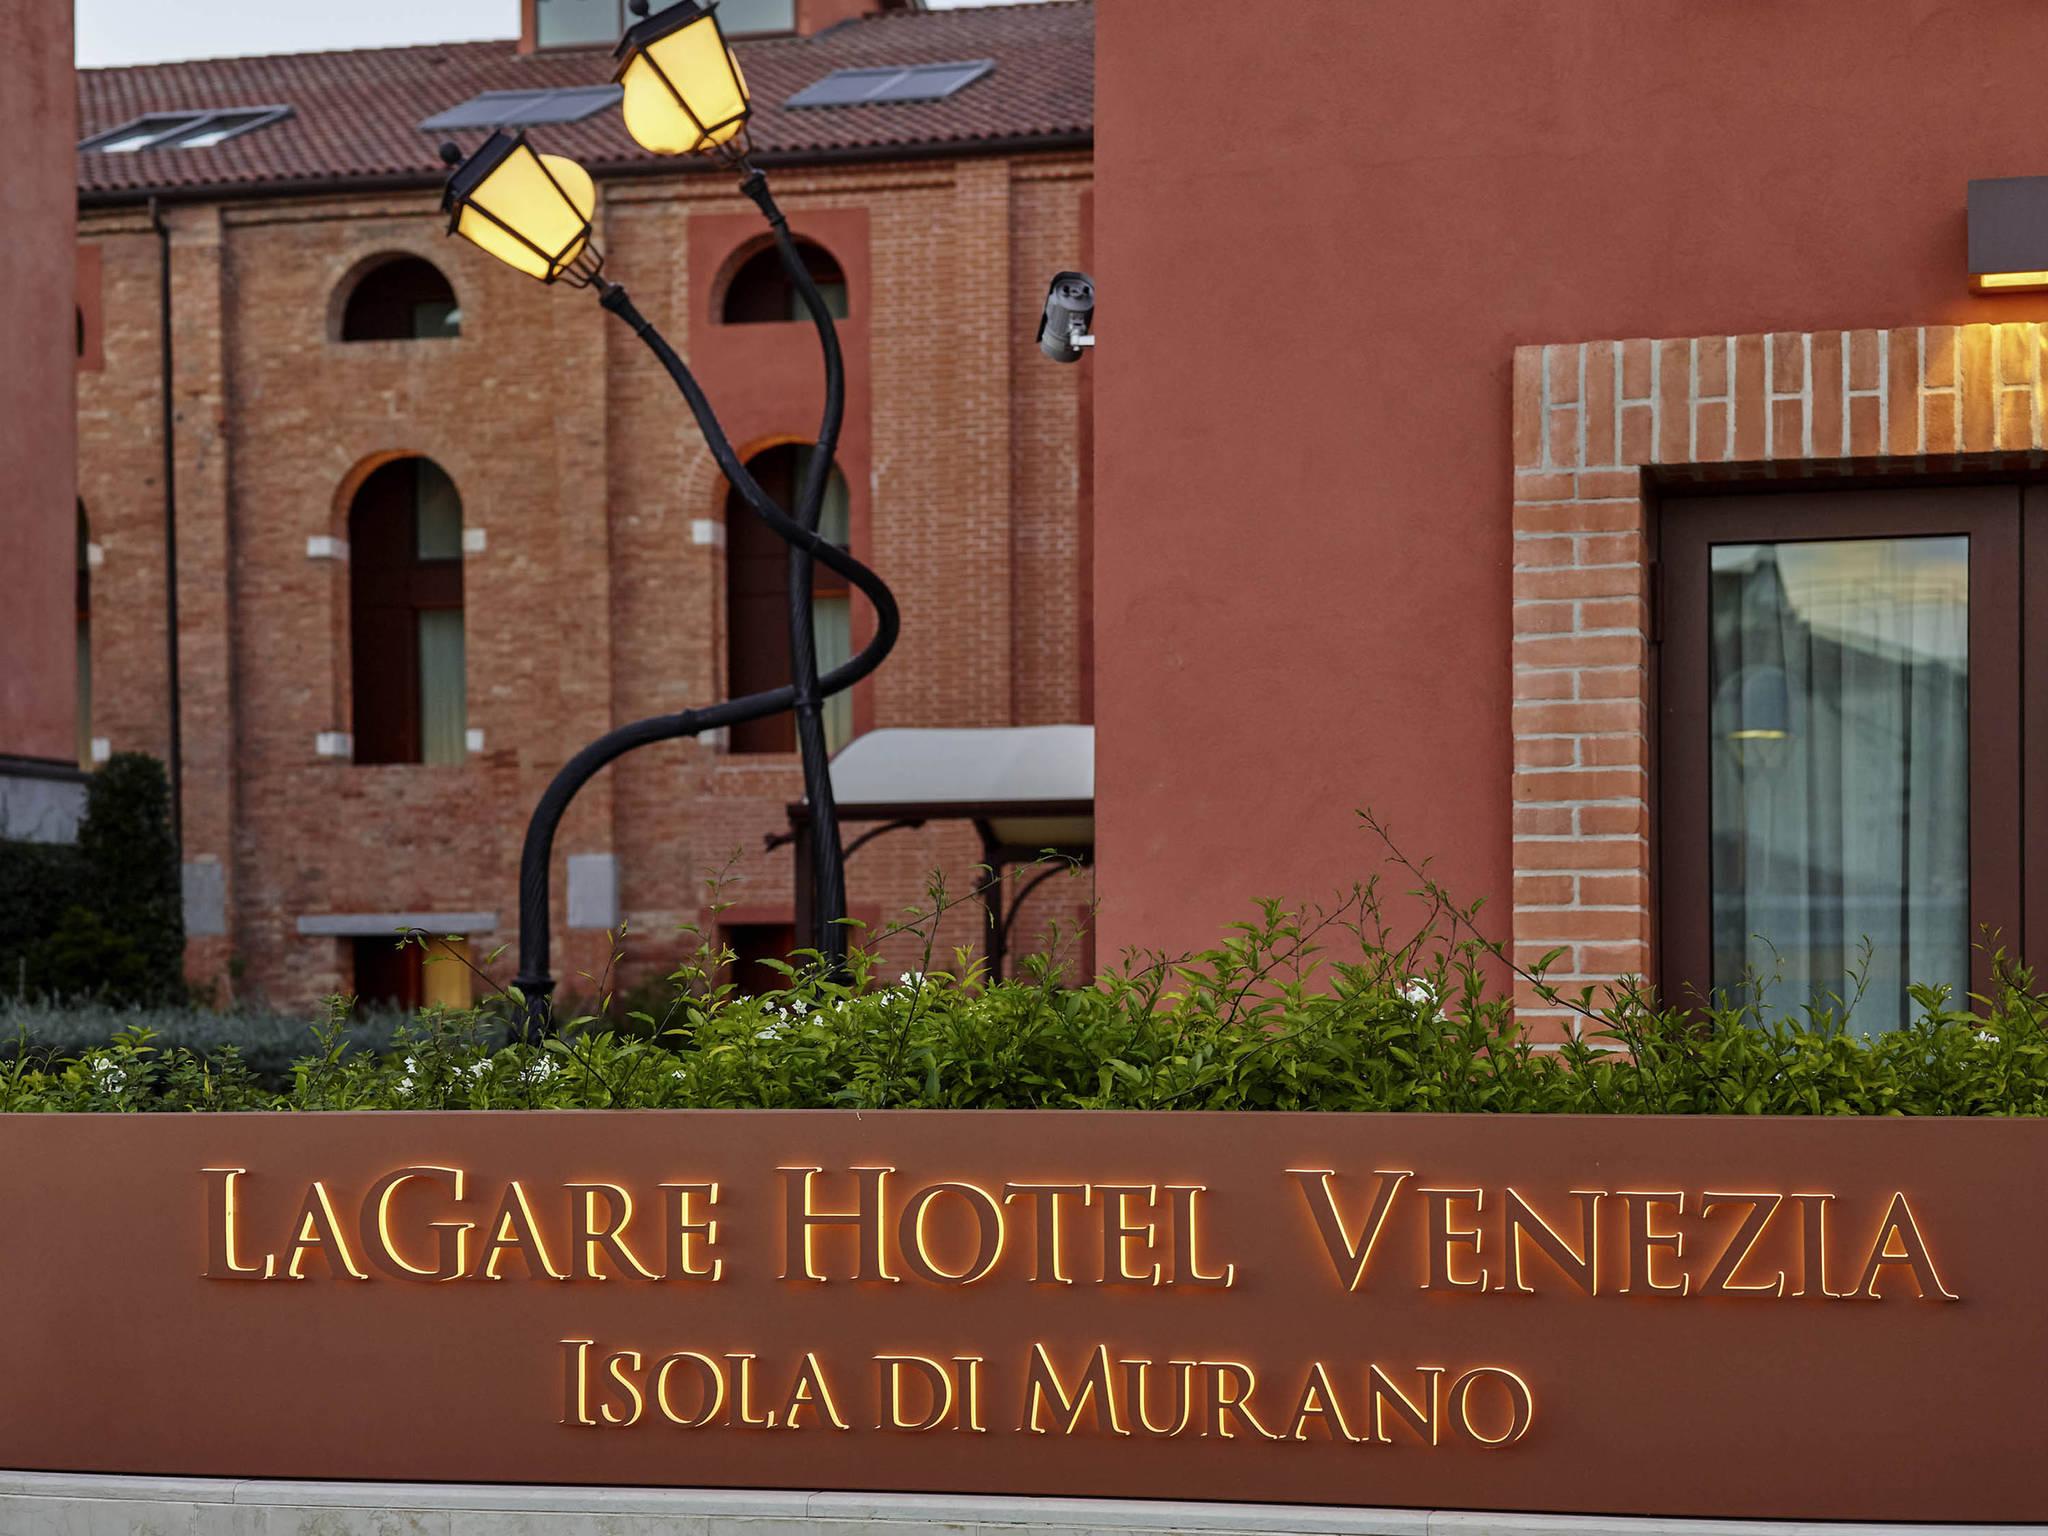 호텔 – 라가르 호텔 베네치아 - 엠갤러리 바이 소피텔